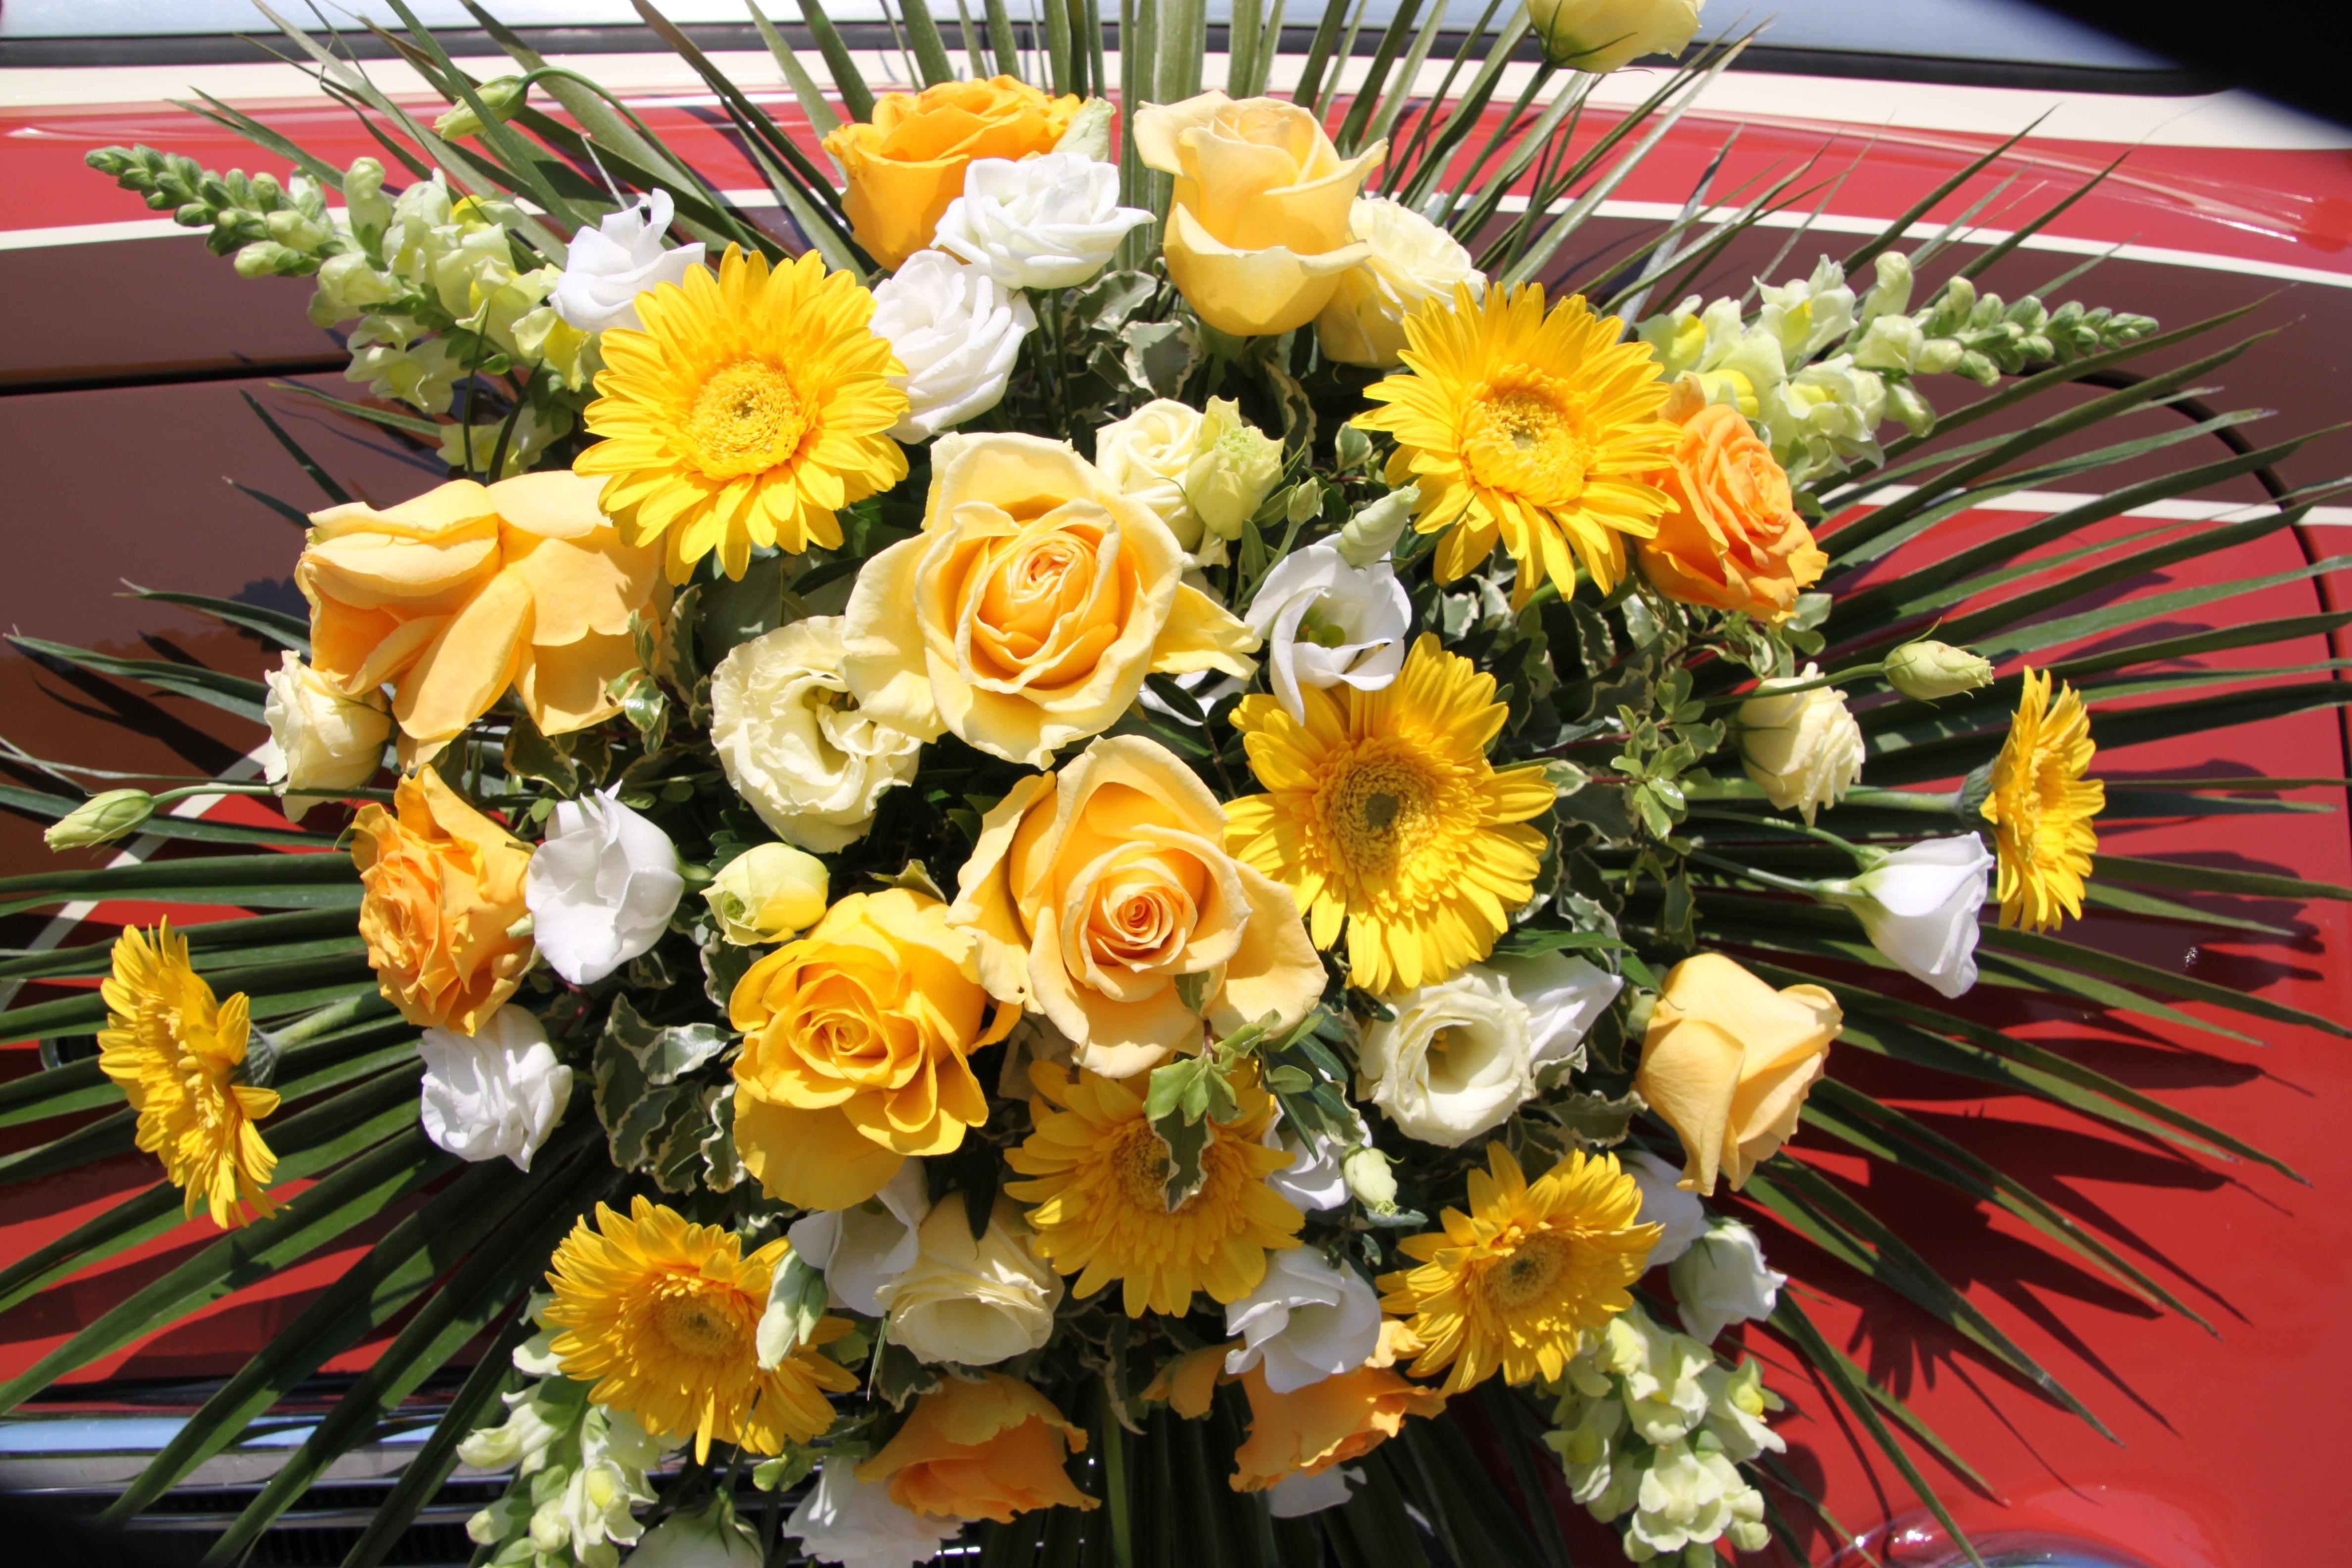 kostenlose foto natur bl hen wei blume sommer liebe farbe bunt gelb flora. Black Bedroom Furniture Sets. Home Design Ideas